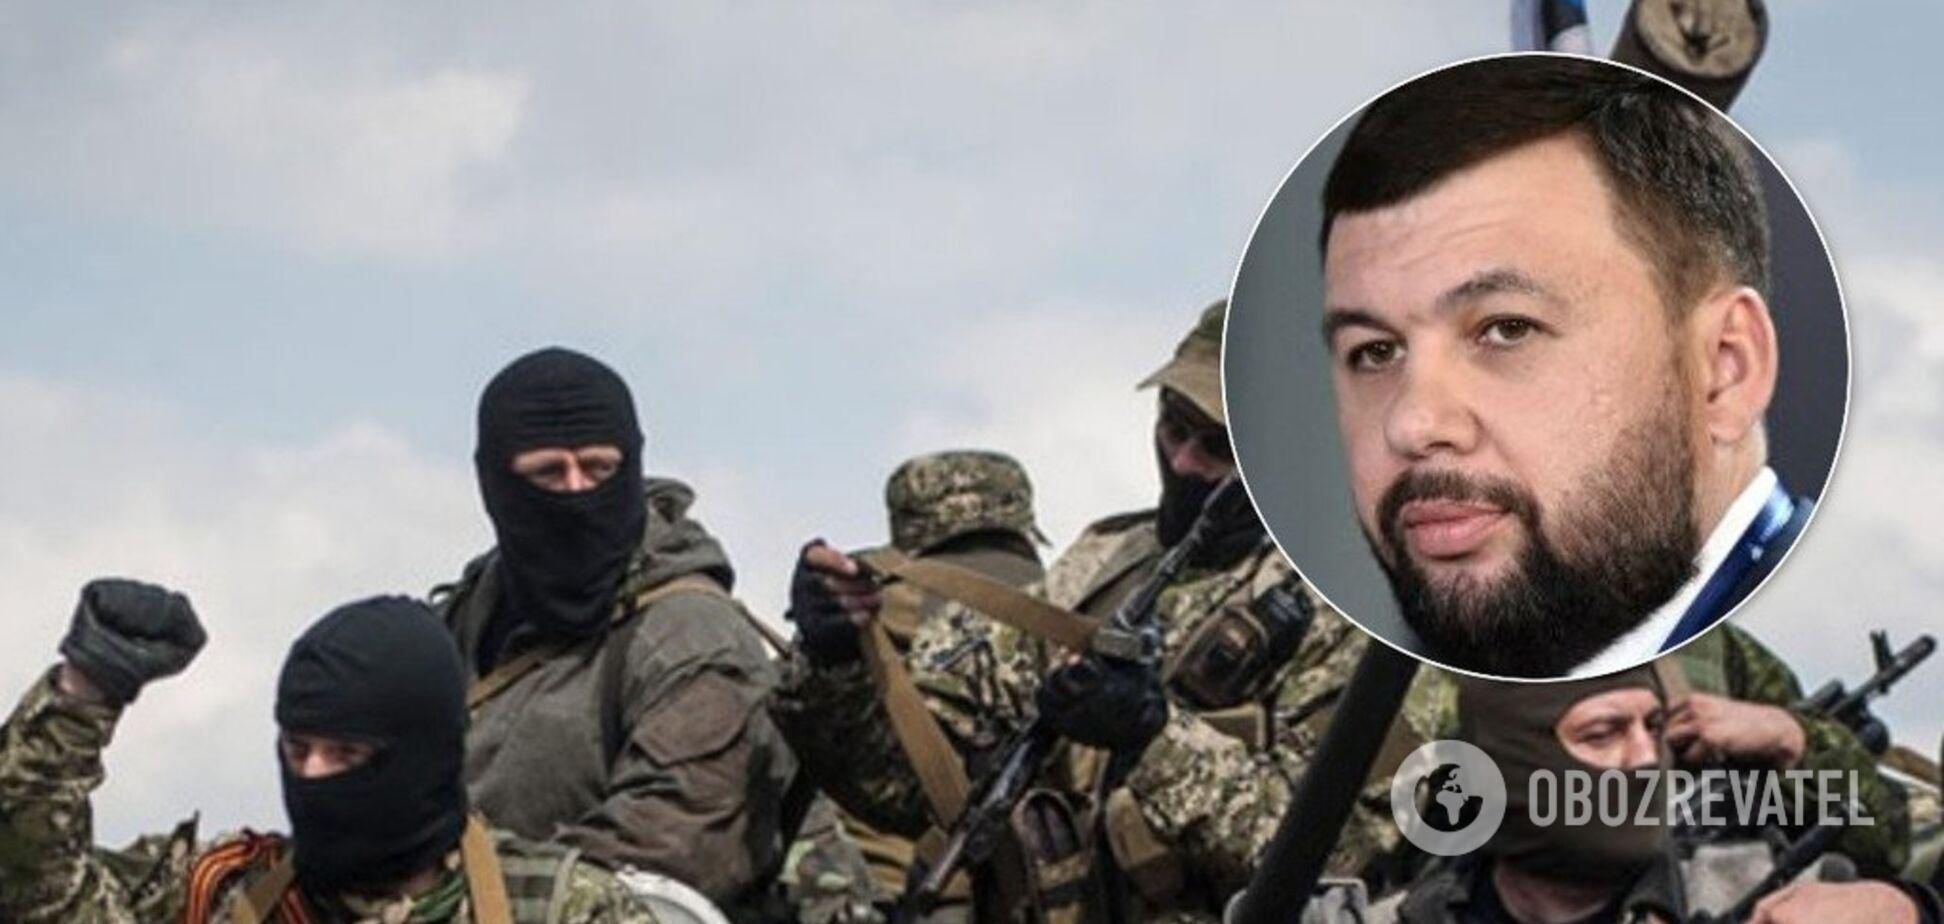 'Питання назріло': Пушилін заявив про радикальні заходи в 'ДНР'